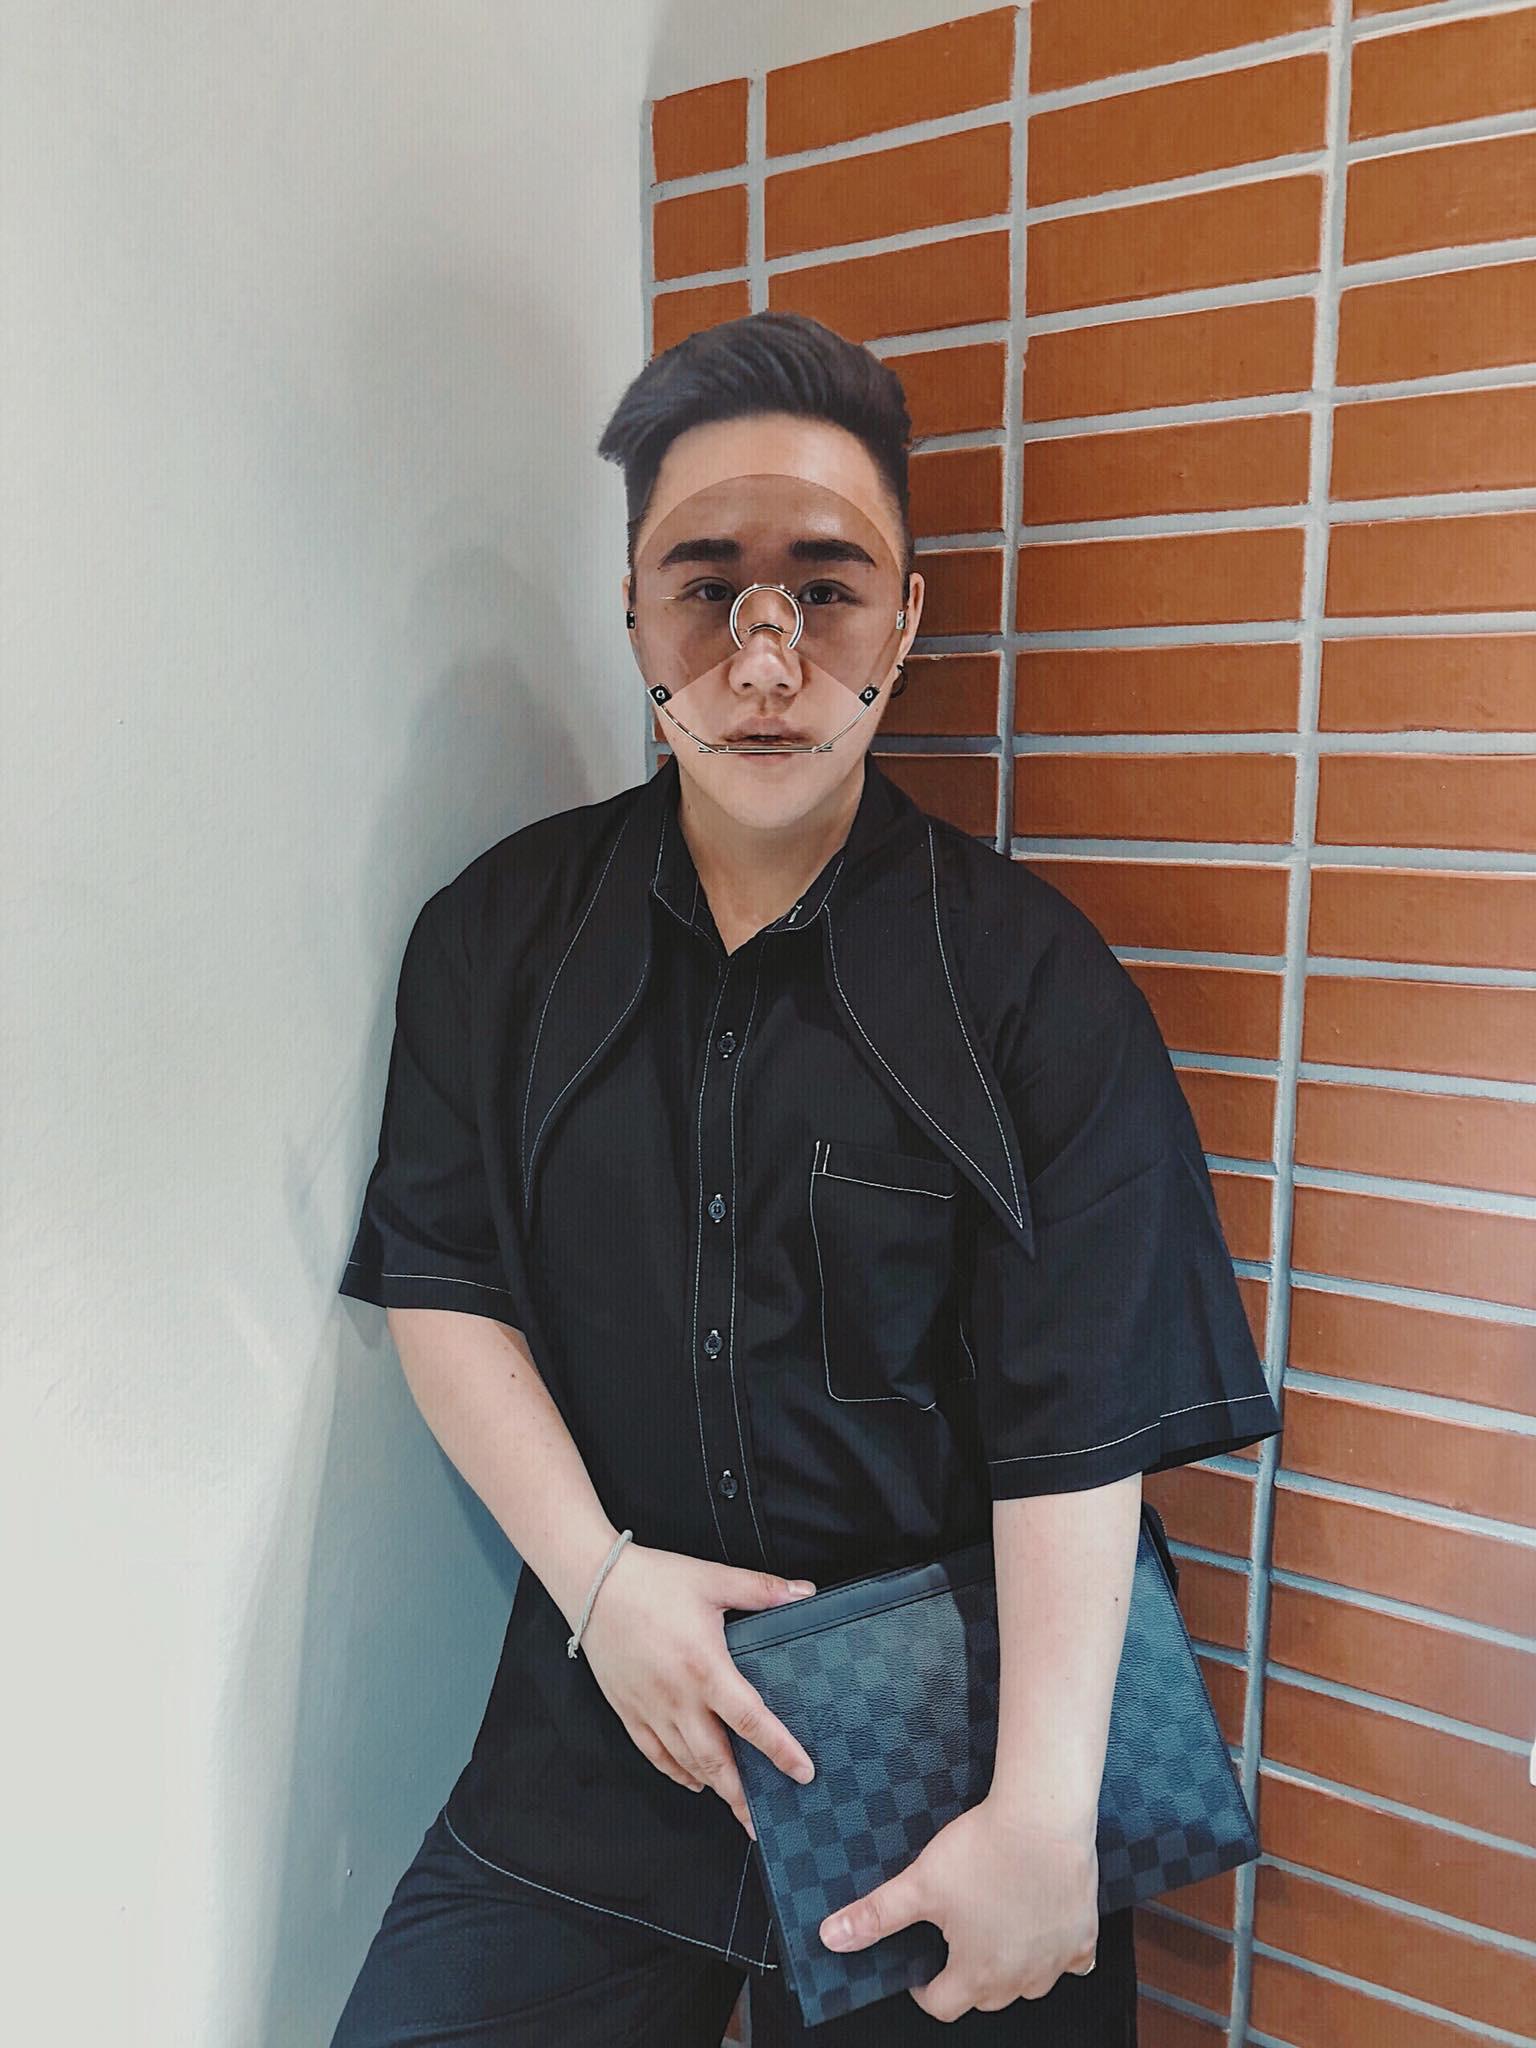 Trung Quân Idol đeo kính gì thế này: Kính làm bằng đĩa CD có khả năng chống bụi, niềng răng, chống khẩu nghiệp? - Ảnh 1.